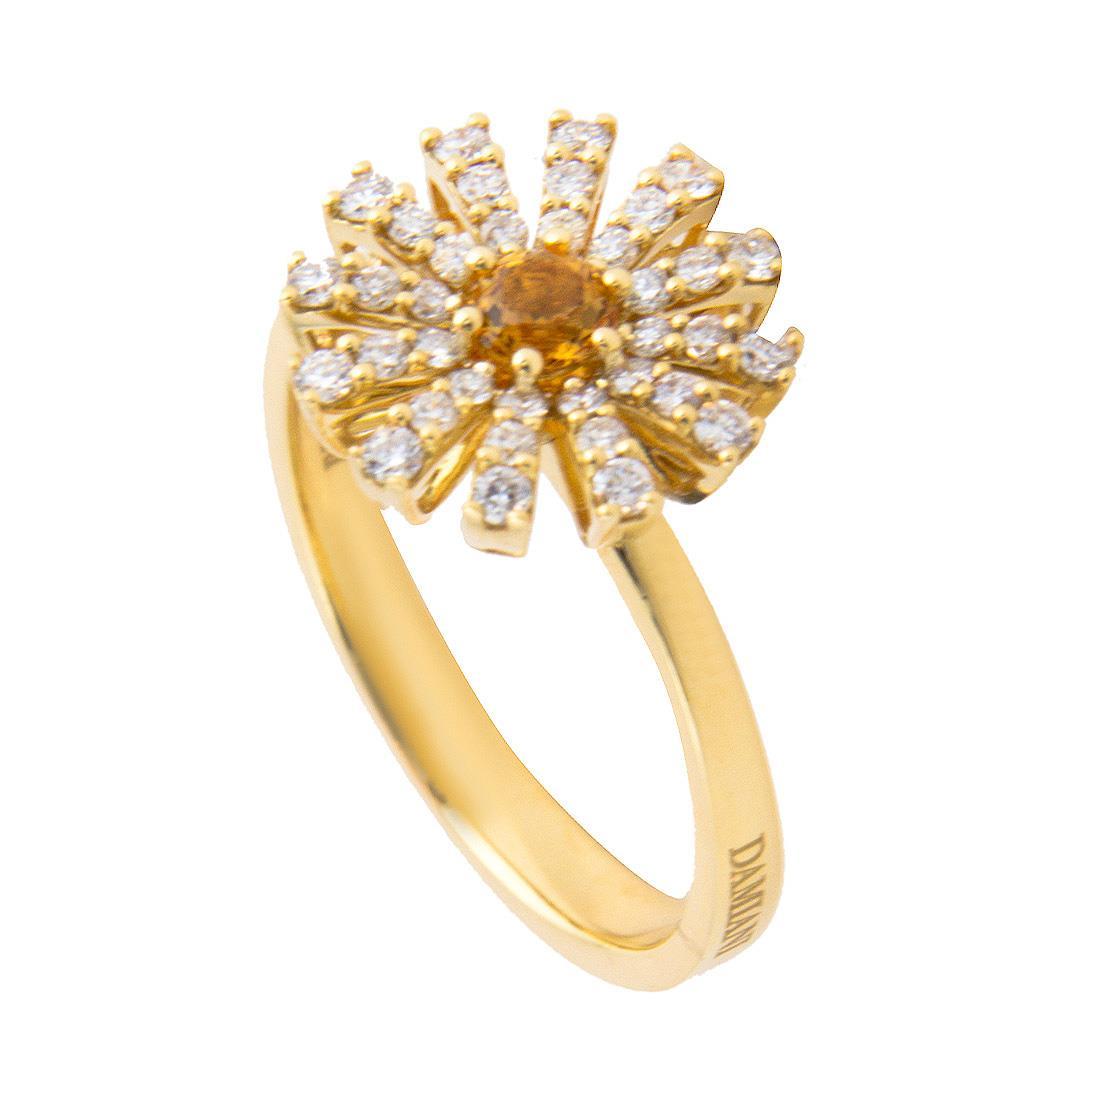 Anello Damiani Collezione Margherita in oro giallo con diamanti ct 0,30 con quarzo citrino misura 13 - DAMIANI